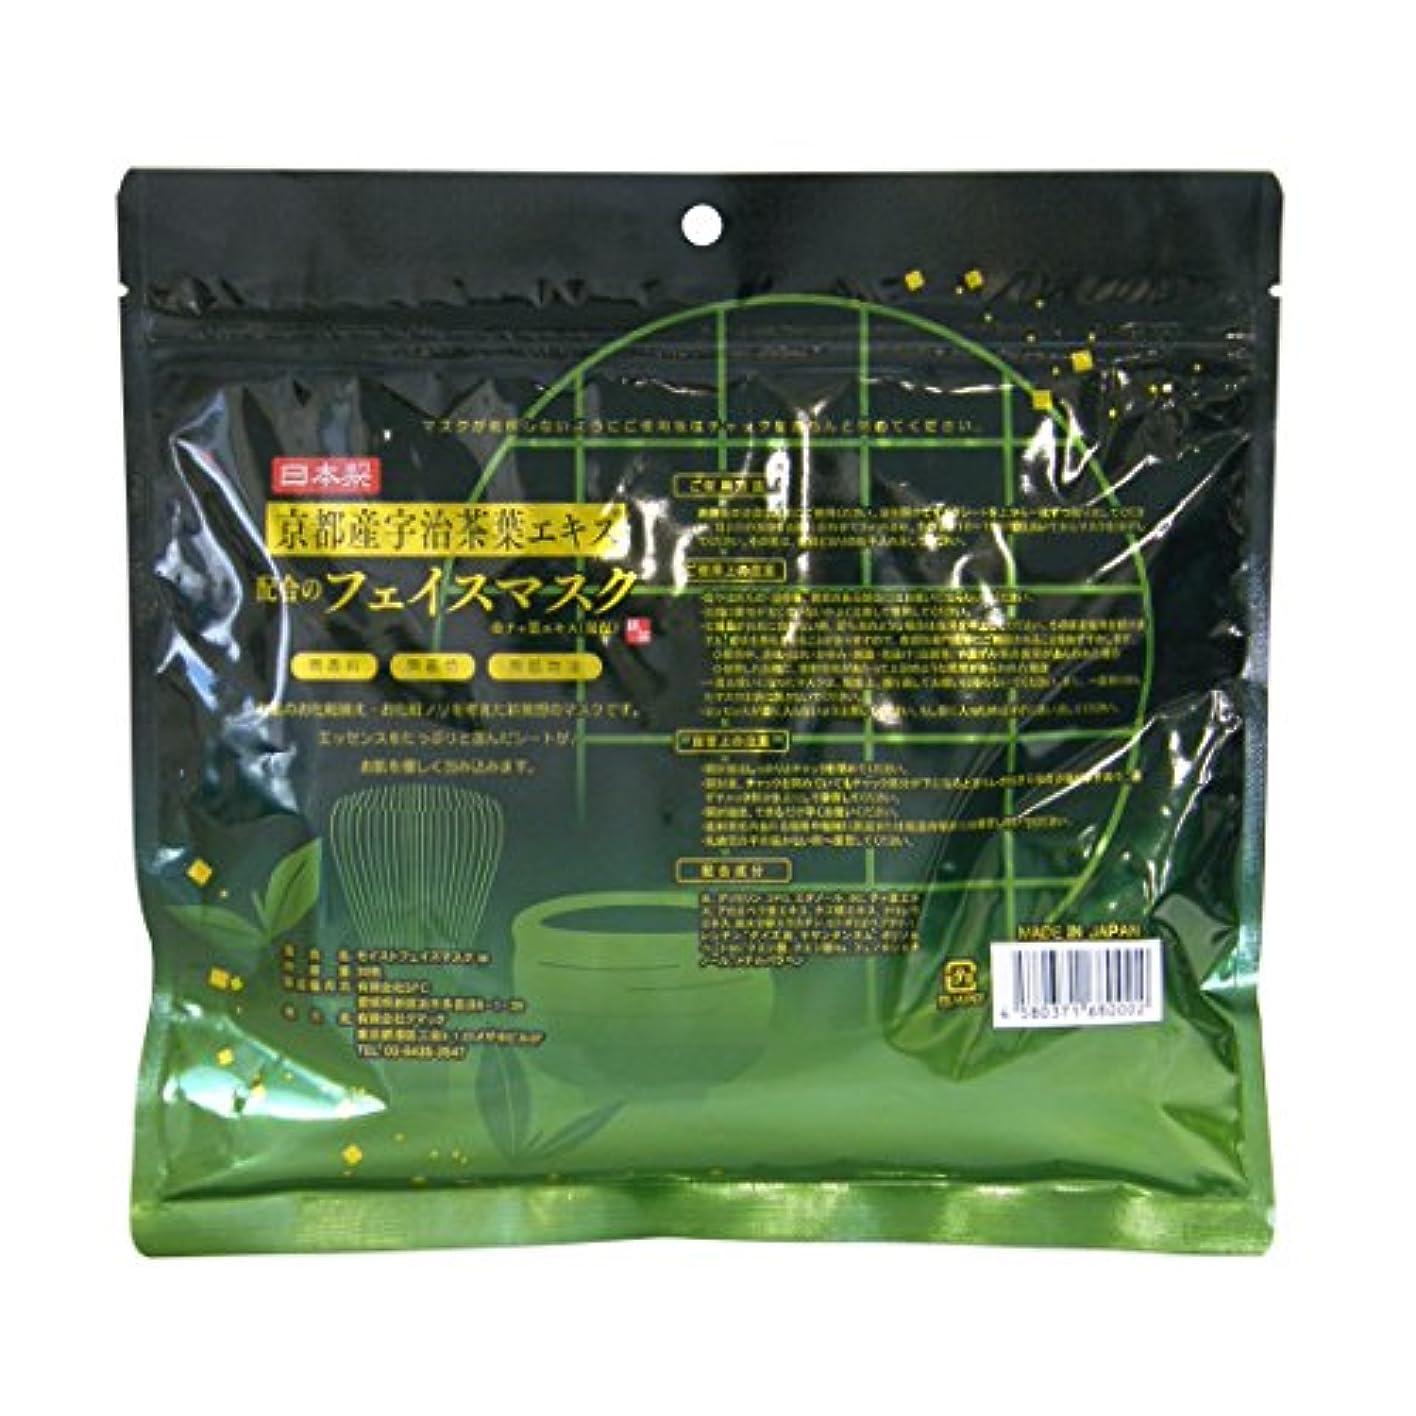 回路散らすカルシウム京都産宇治茶葉エキス配合フェイスマスク 30枚